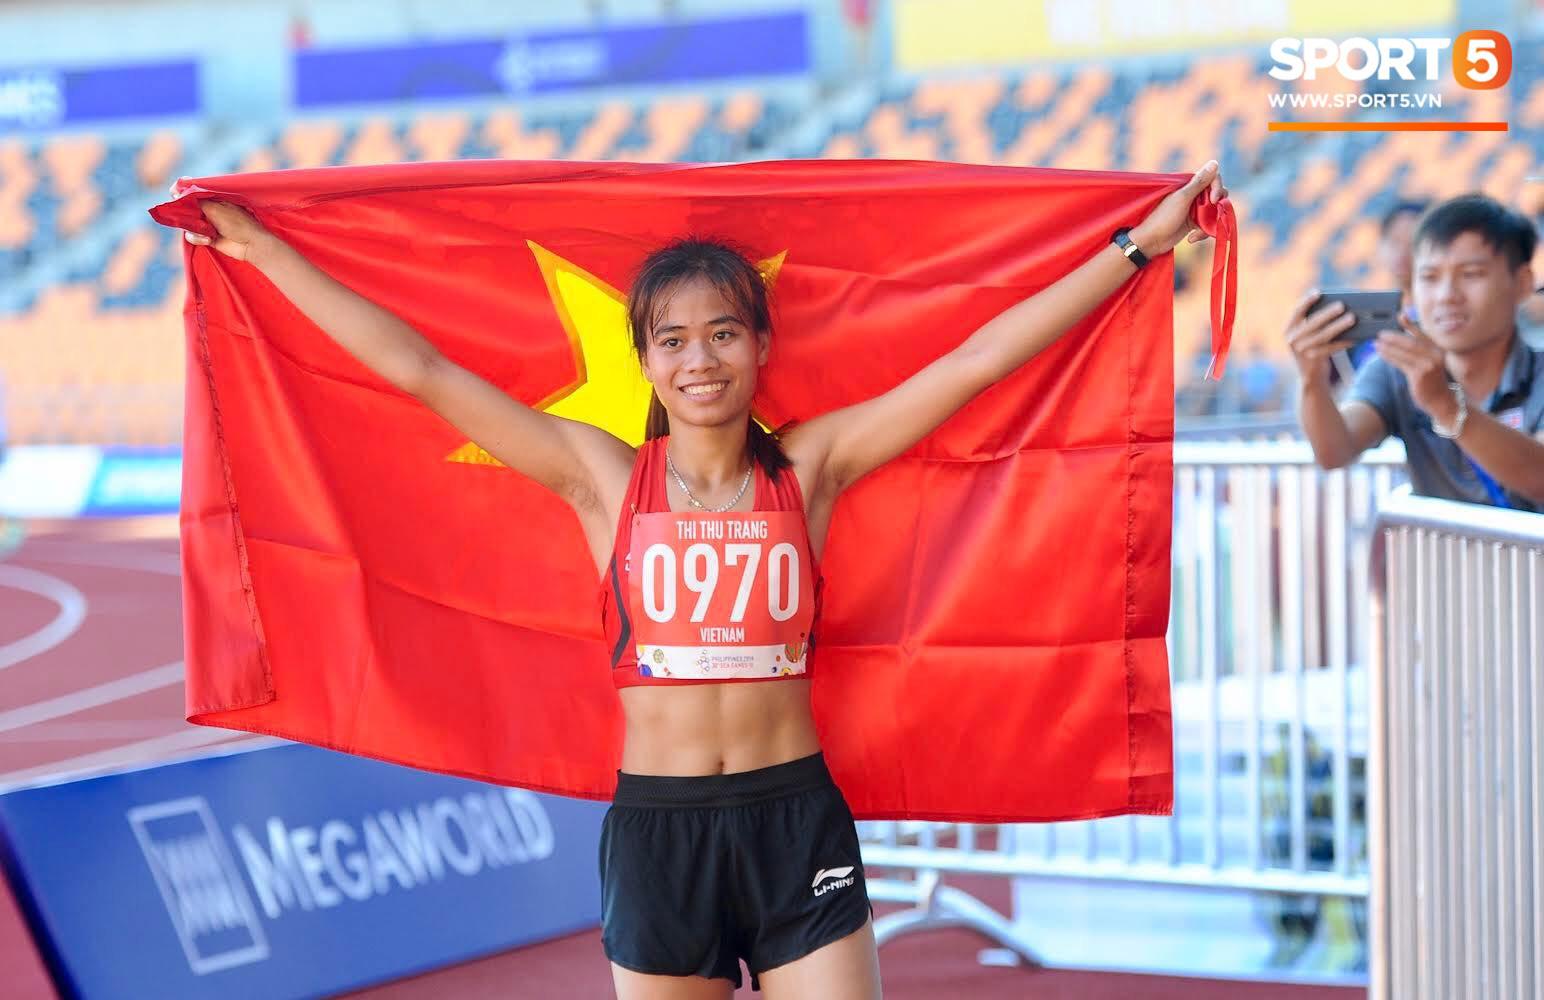 SEA Games ngày 8/12: Nữ hoàng điền kinh Tú Chinh vượt 2 VĐV nhập tịch trong tích tắc, xuất sắc giành HCV chung cuộc - Ảnh 78.